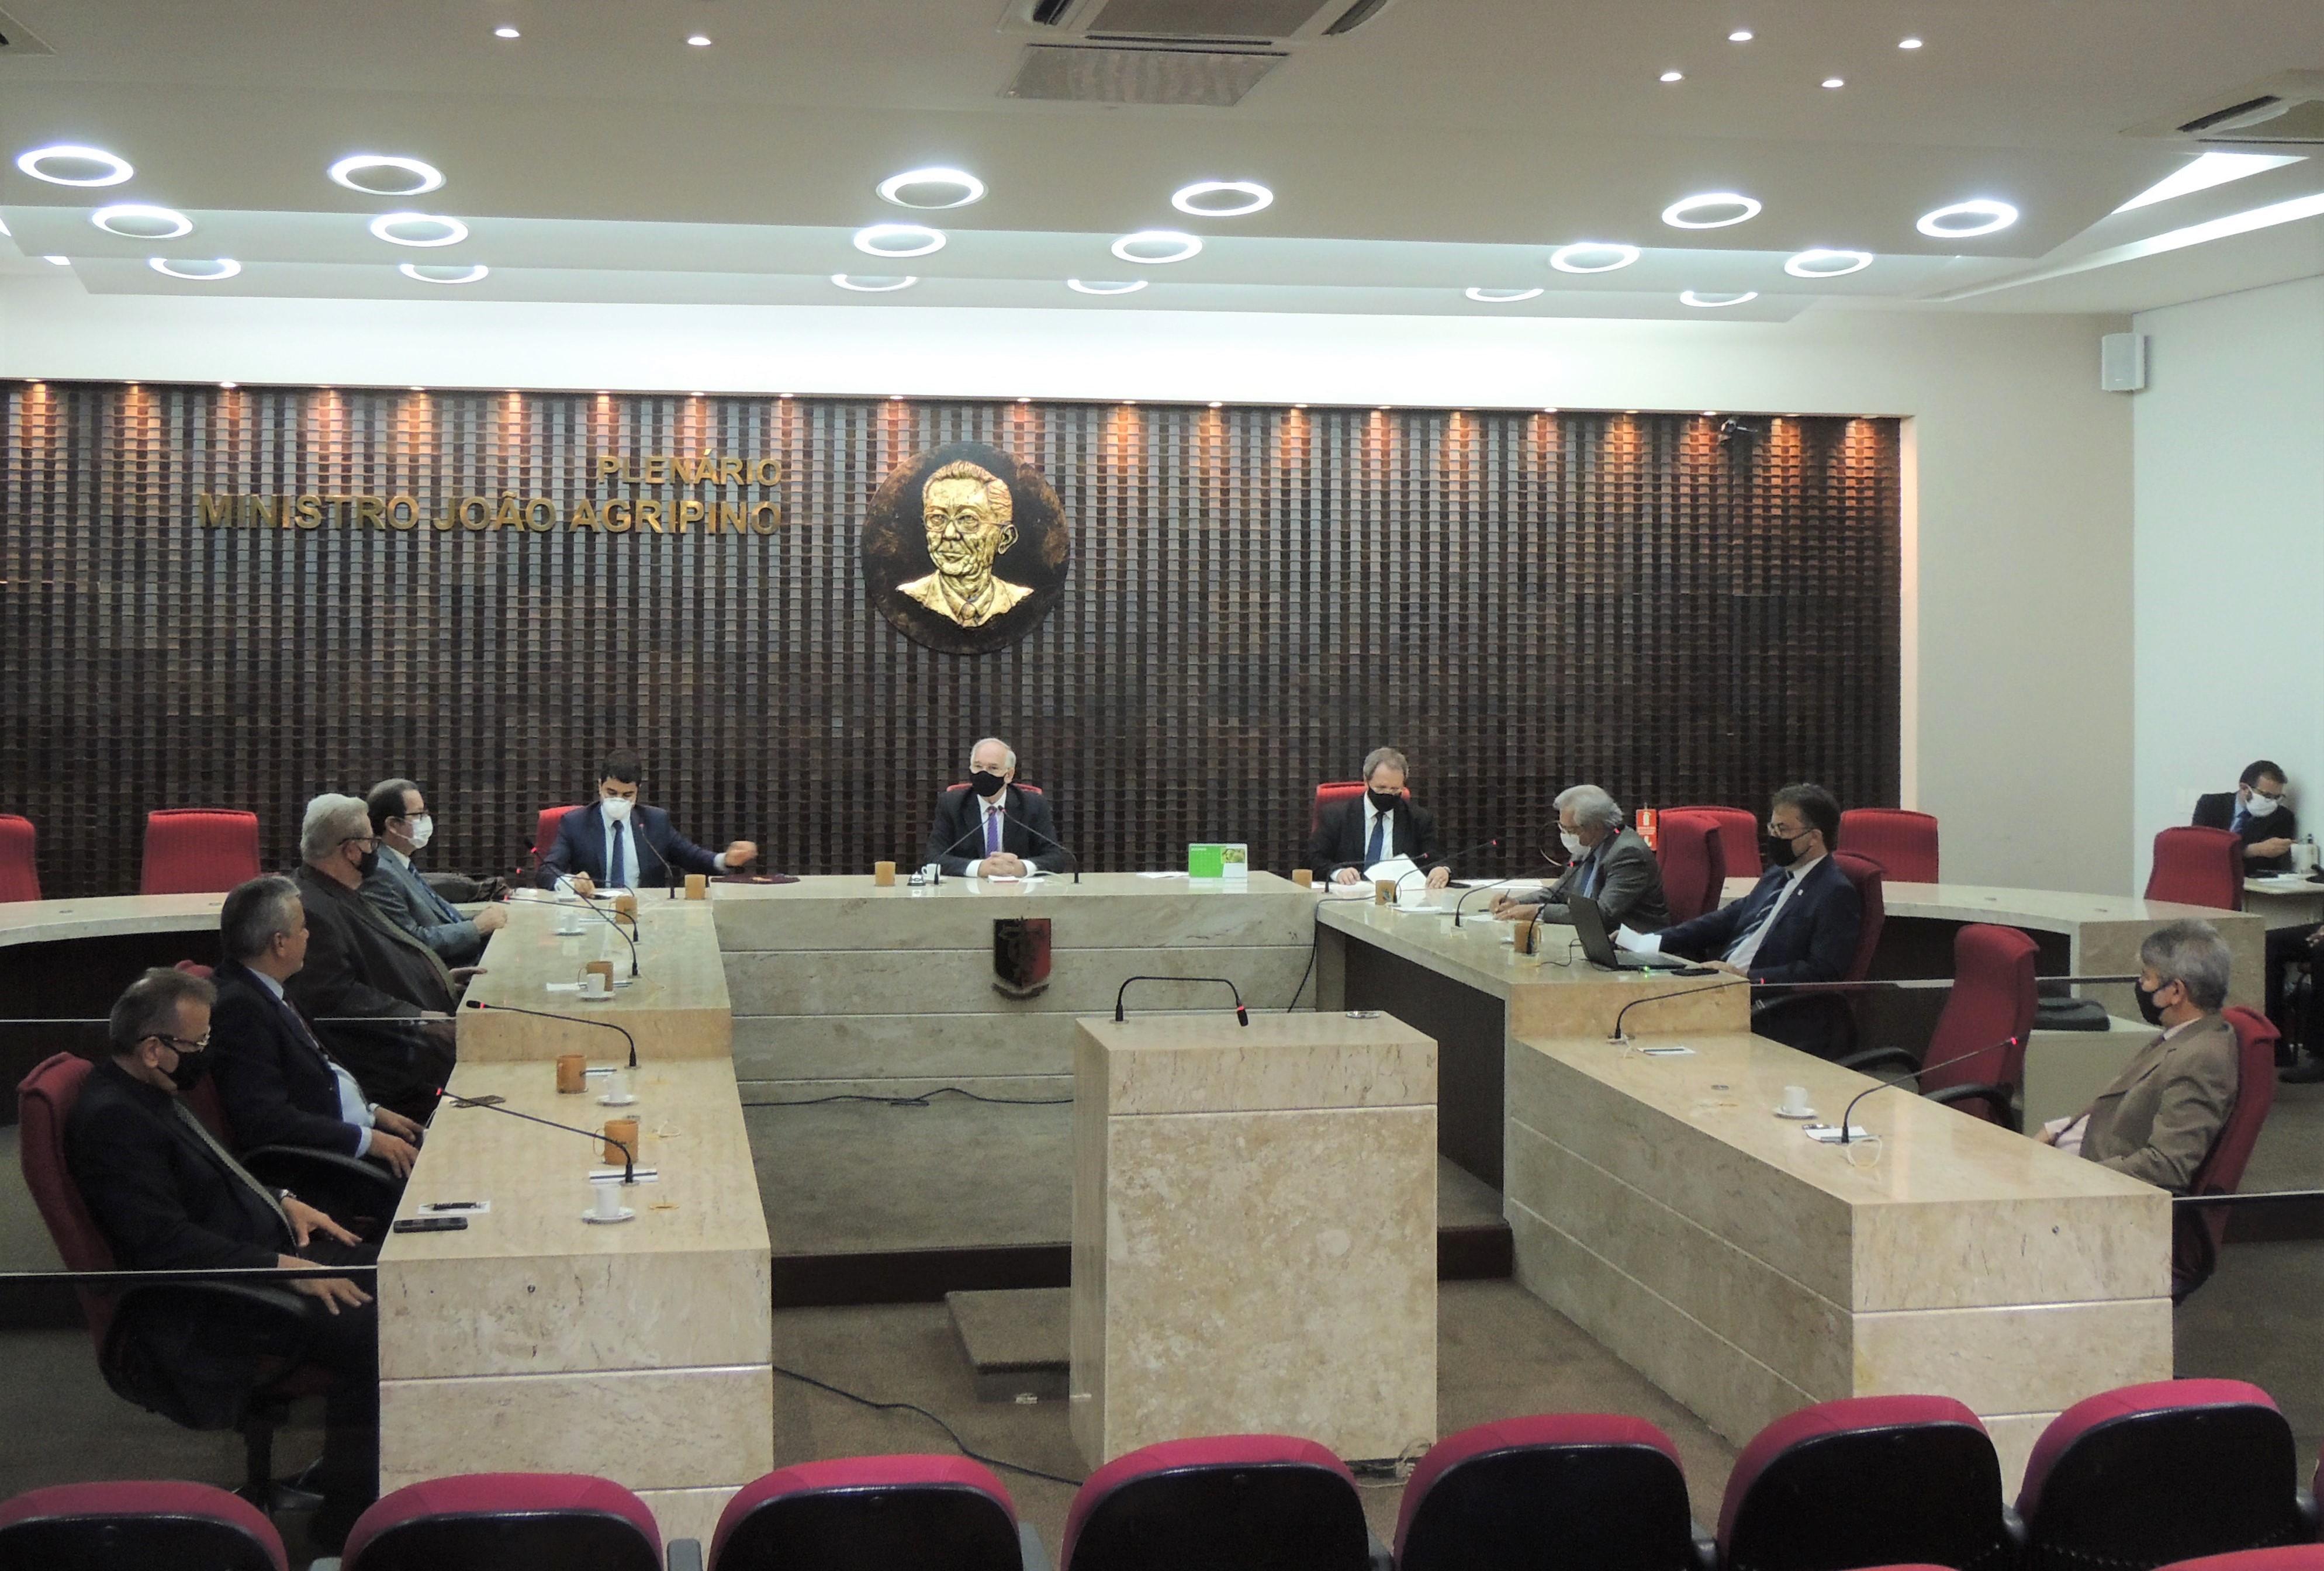 Fernando Catão é eleito e vai presidir o TCE-PB para o biênio 2021/2022 -  WSCOM